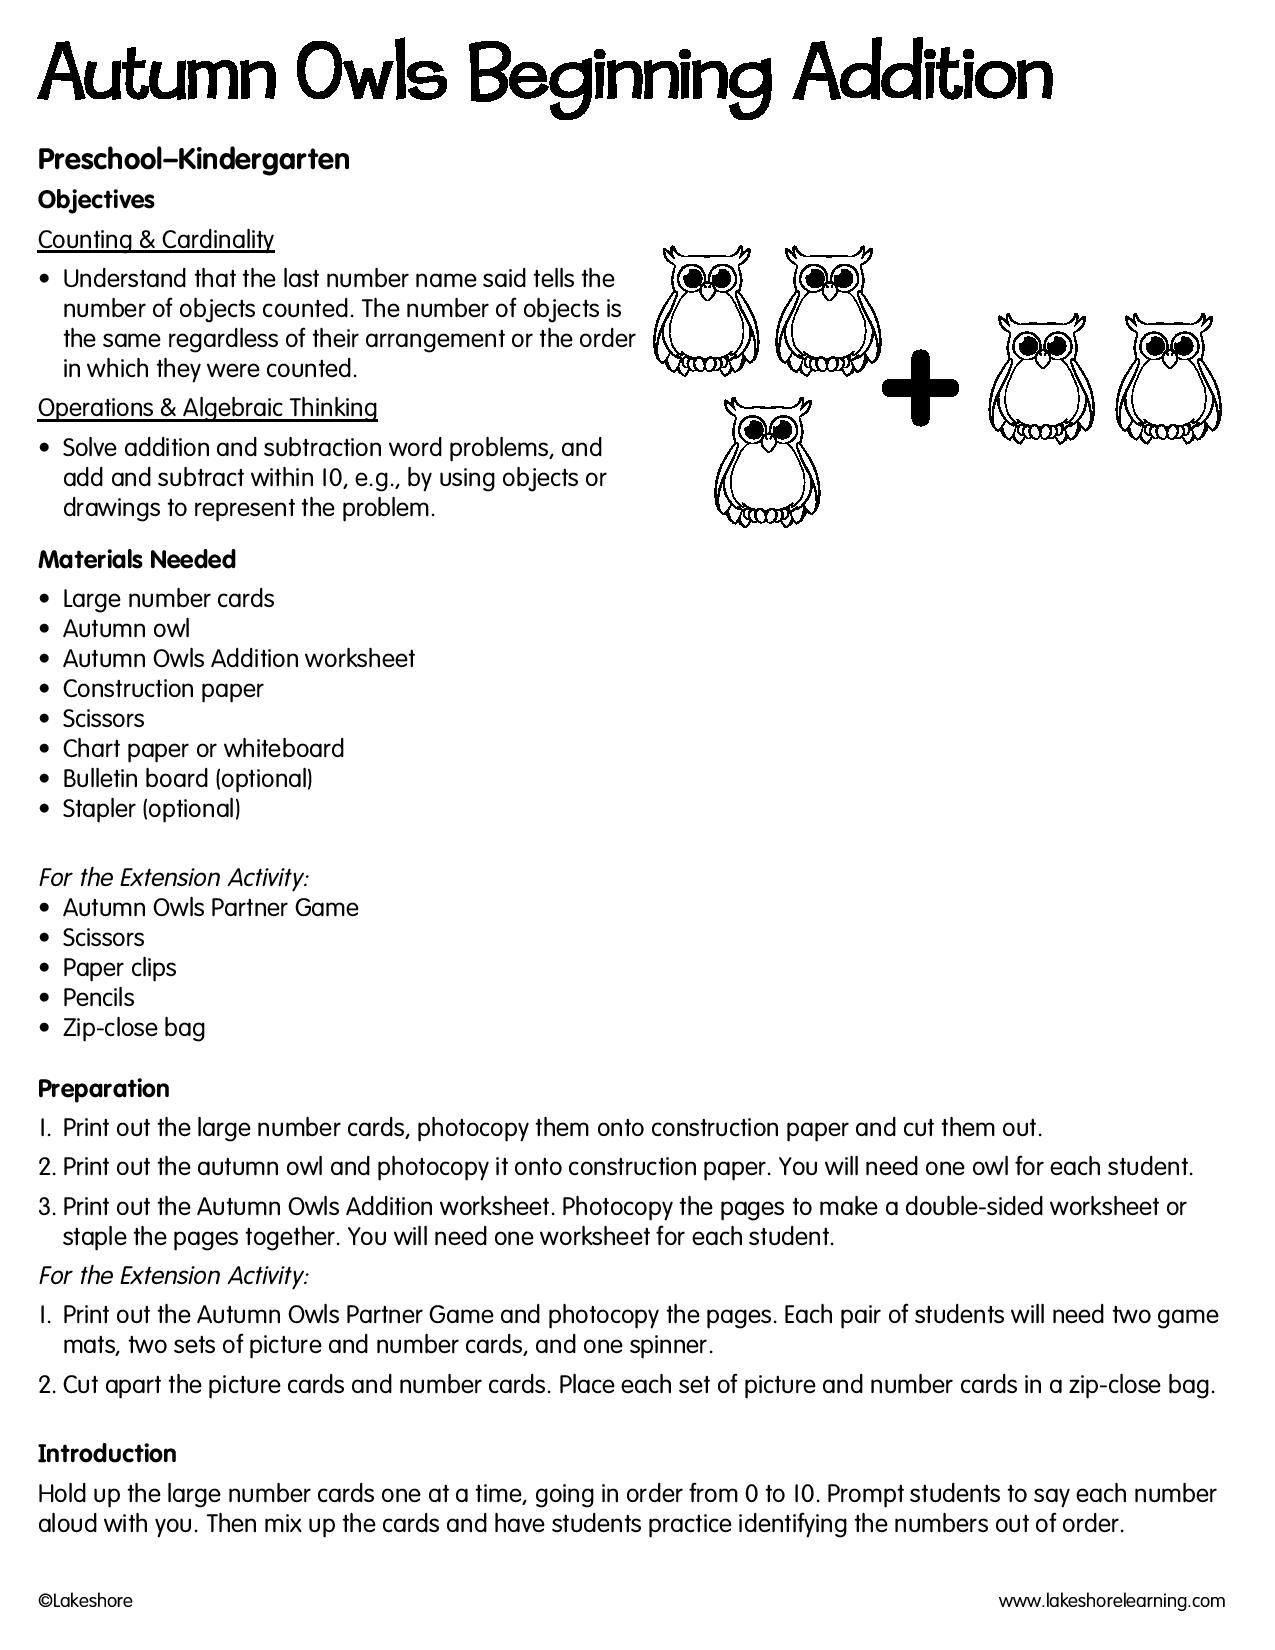 Autumn Owls Beginning Addition Lessonplan Math